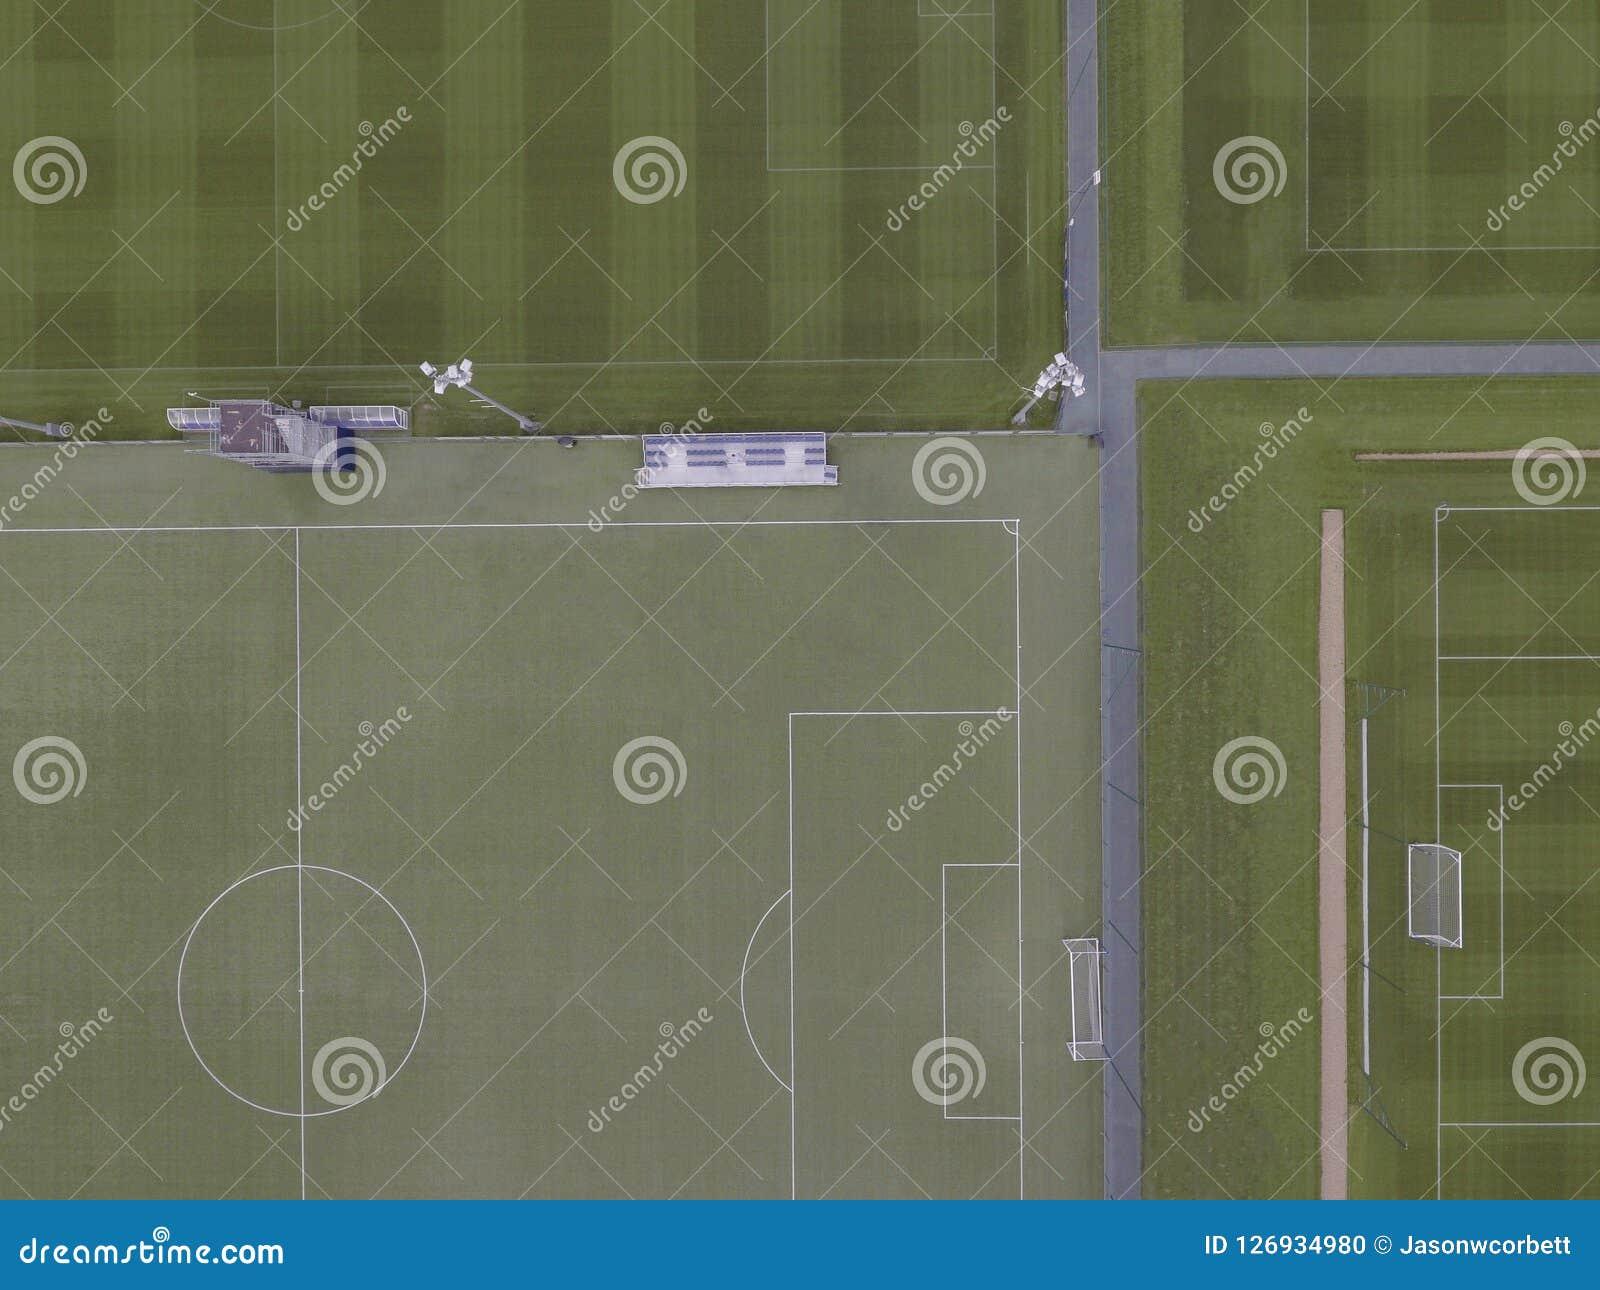 Arialhommel van een beroemde voetbalhoogte en opleidingsgronden die wordt geschoten